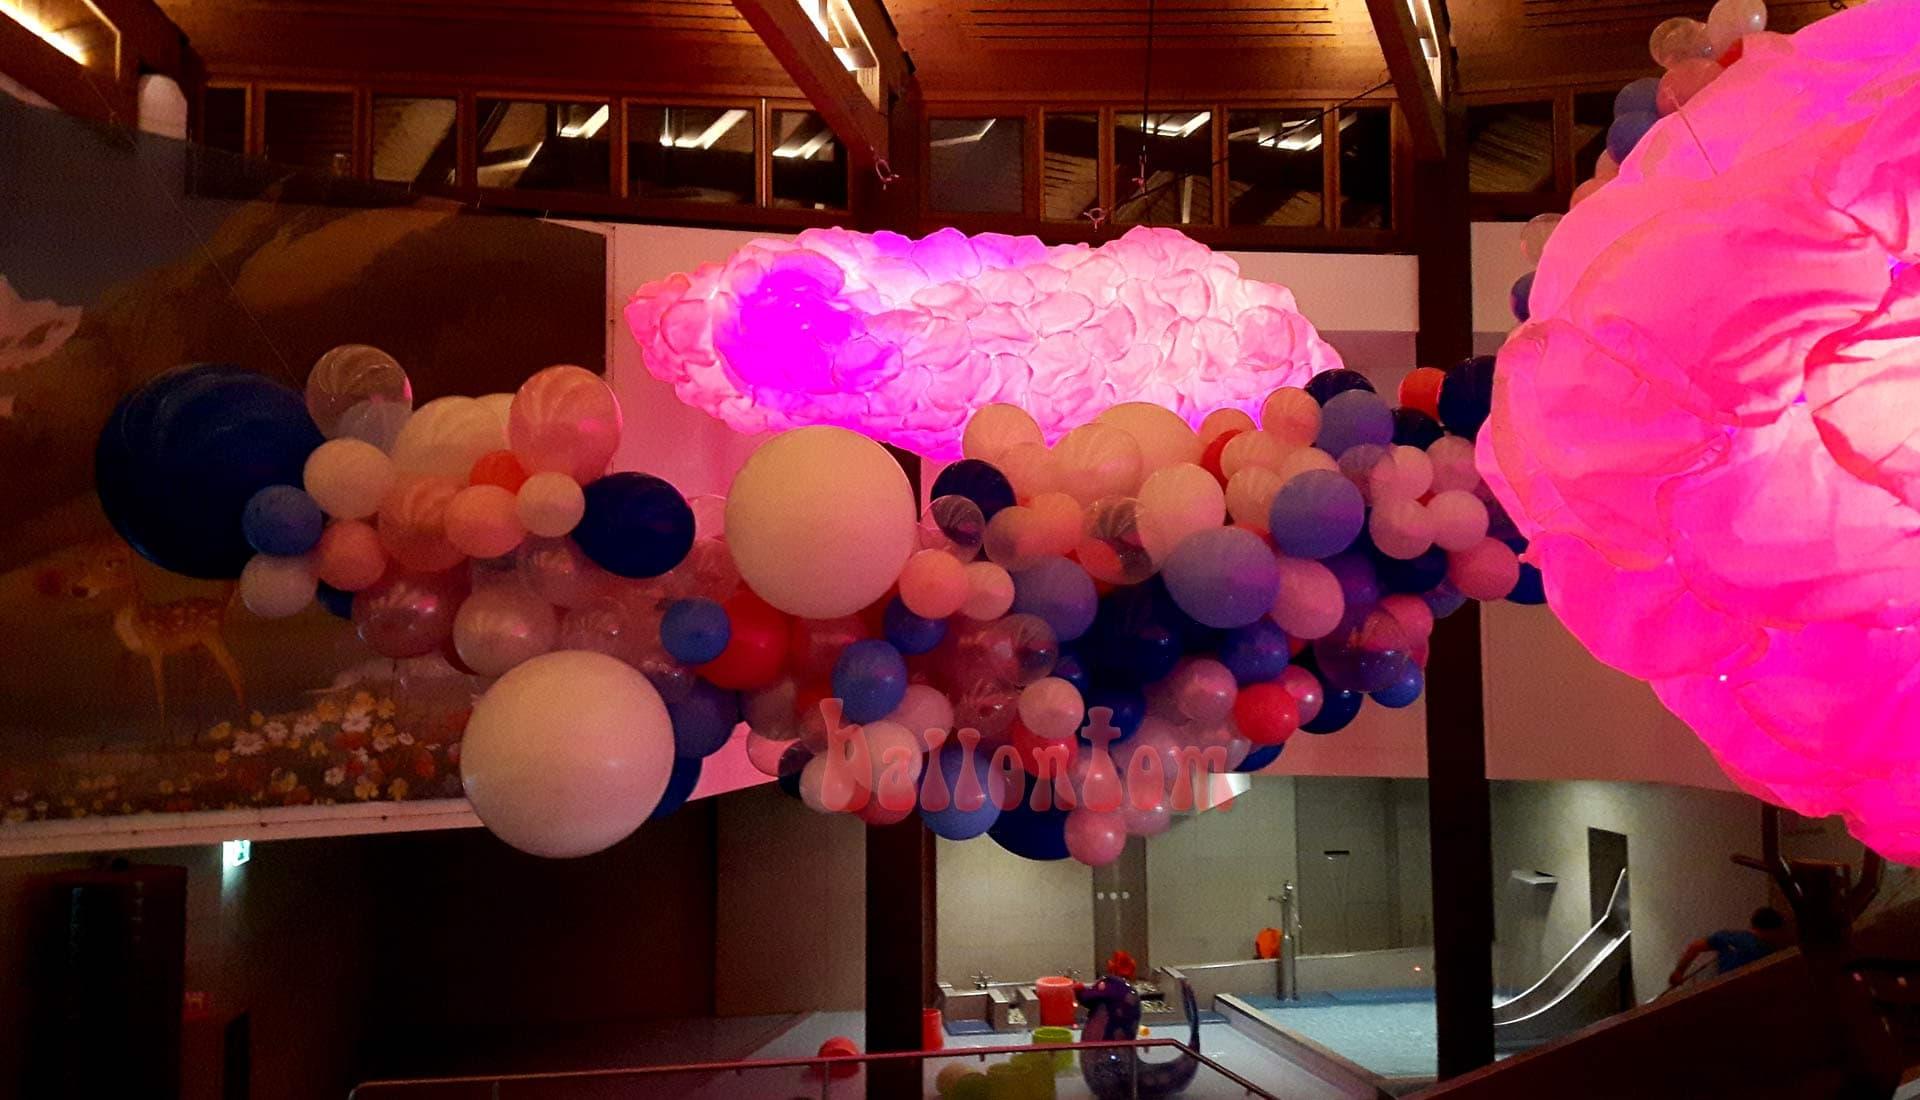 Rote Organic-Wolke im Säntispark / Schweiz - Projekt: Ballonhaus.ch - Unterstützt durch ballontom